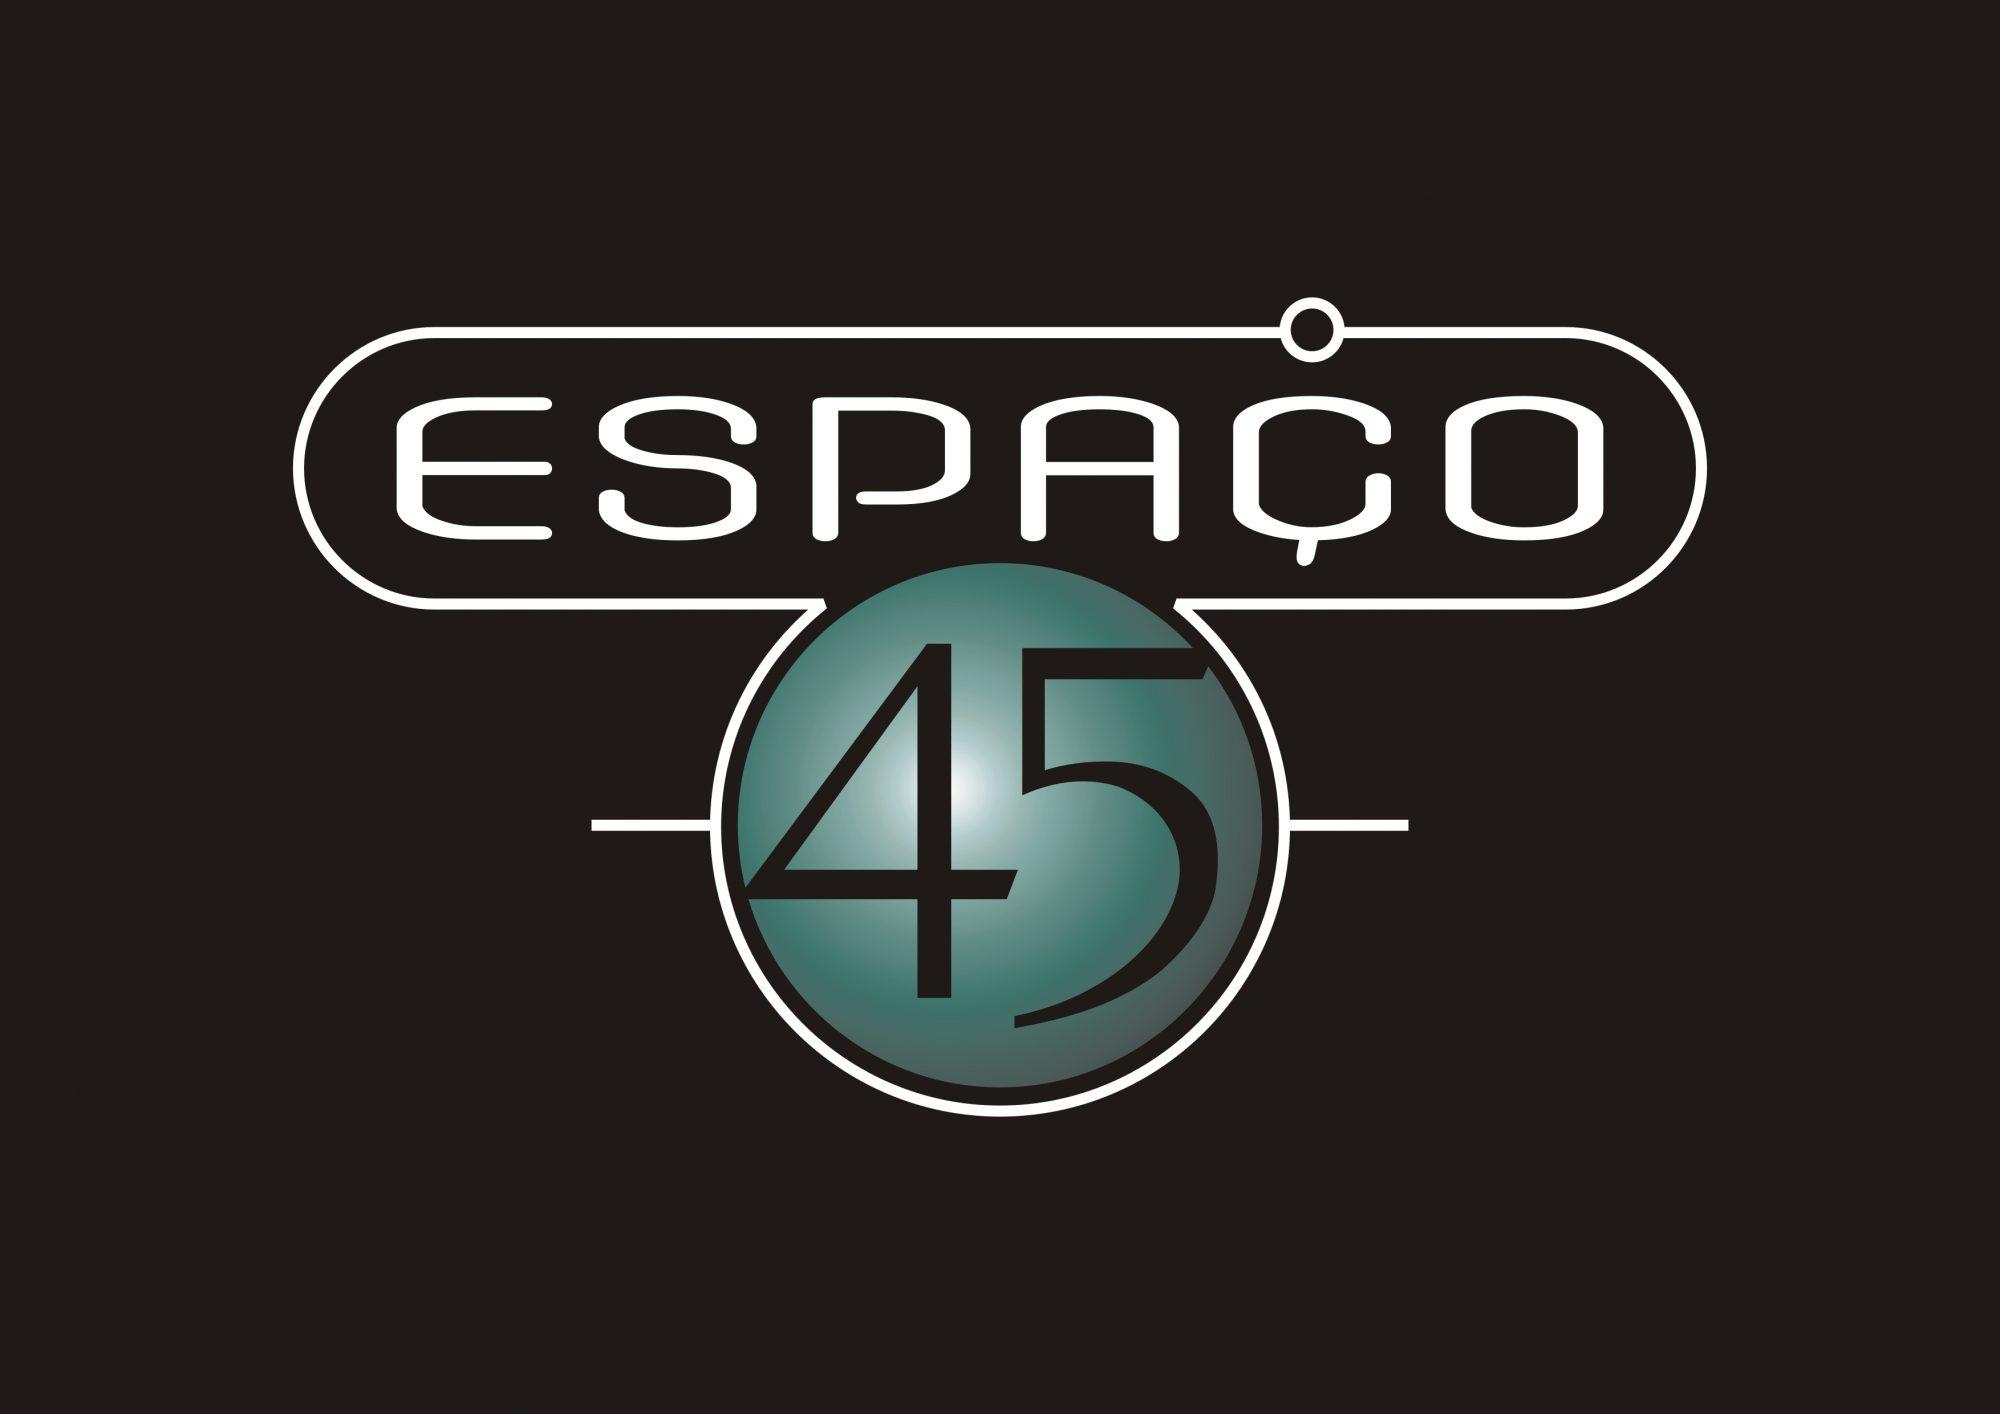 Espaço 45